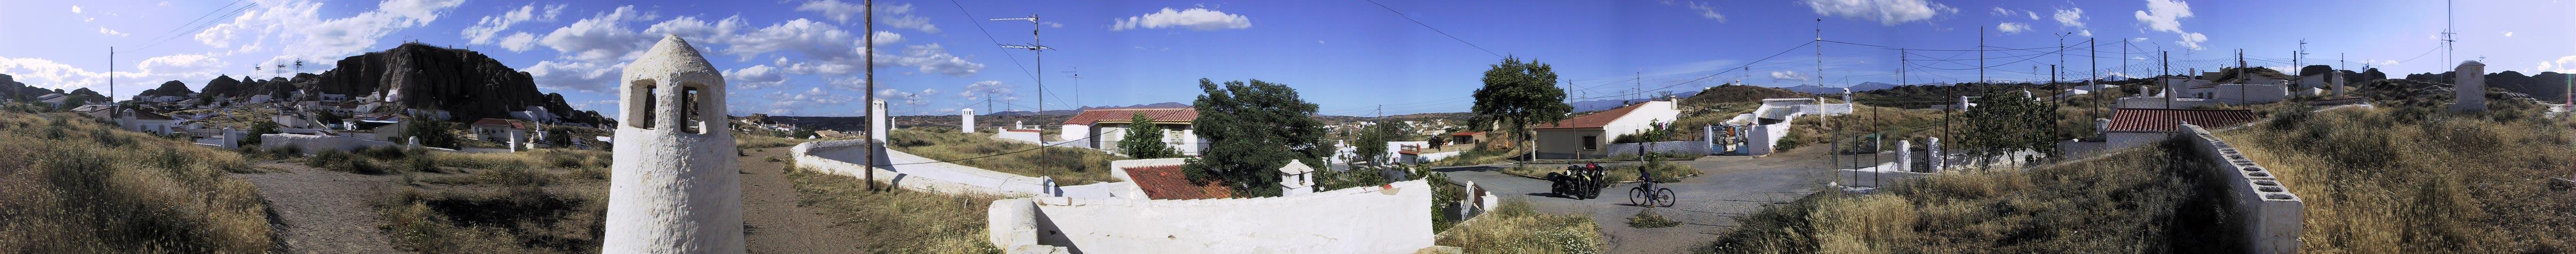 Overal heuvels met witte ronde schoorsteentjes, en grotwoningen met witte muurtjes en witte ingangen